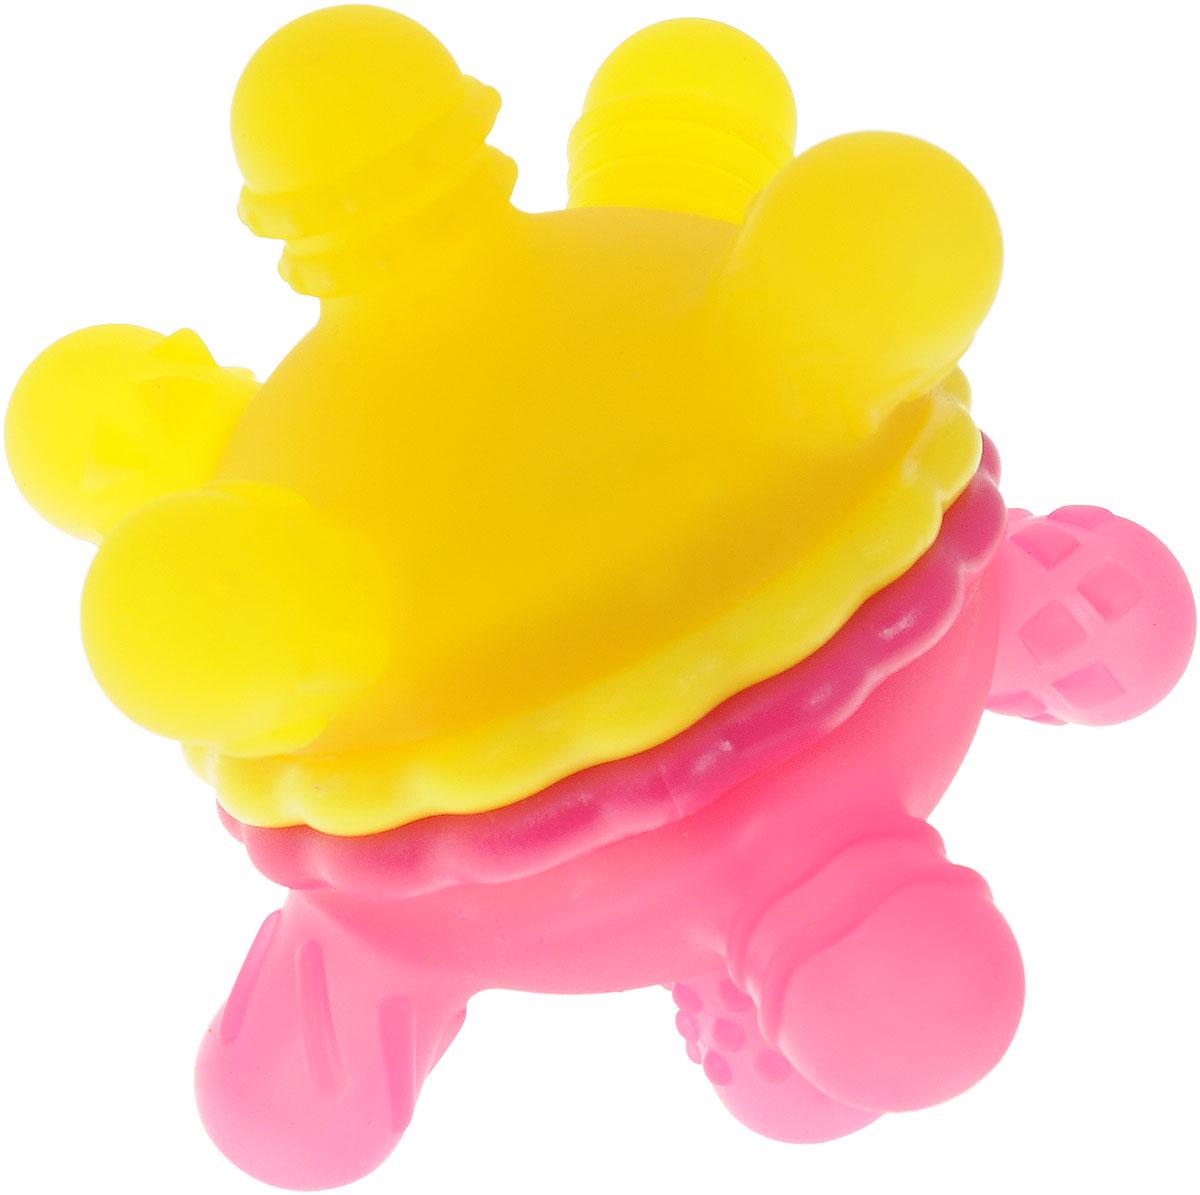 Munchkin Игрушка-прорезыватель Мячик цвет розовый желтый munchkin прорезыватель охлаждающий ладошка цвет розовый